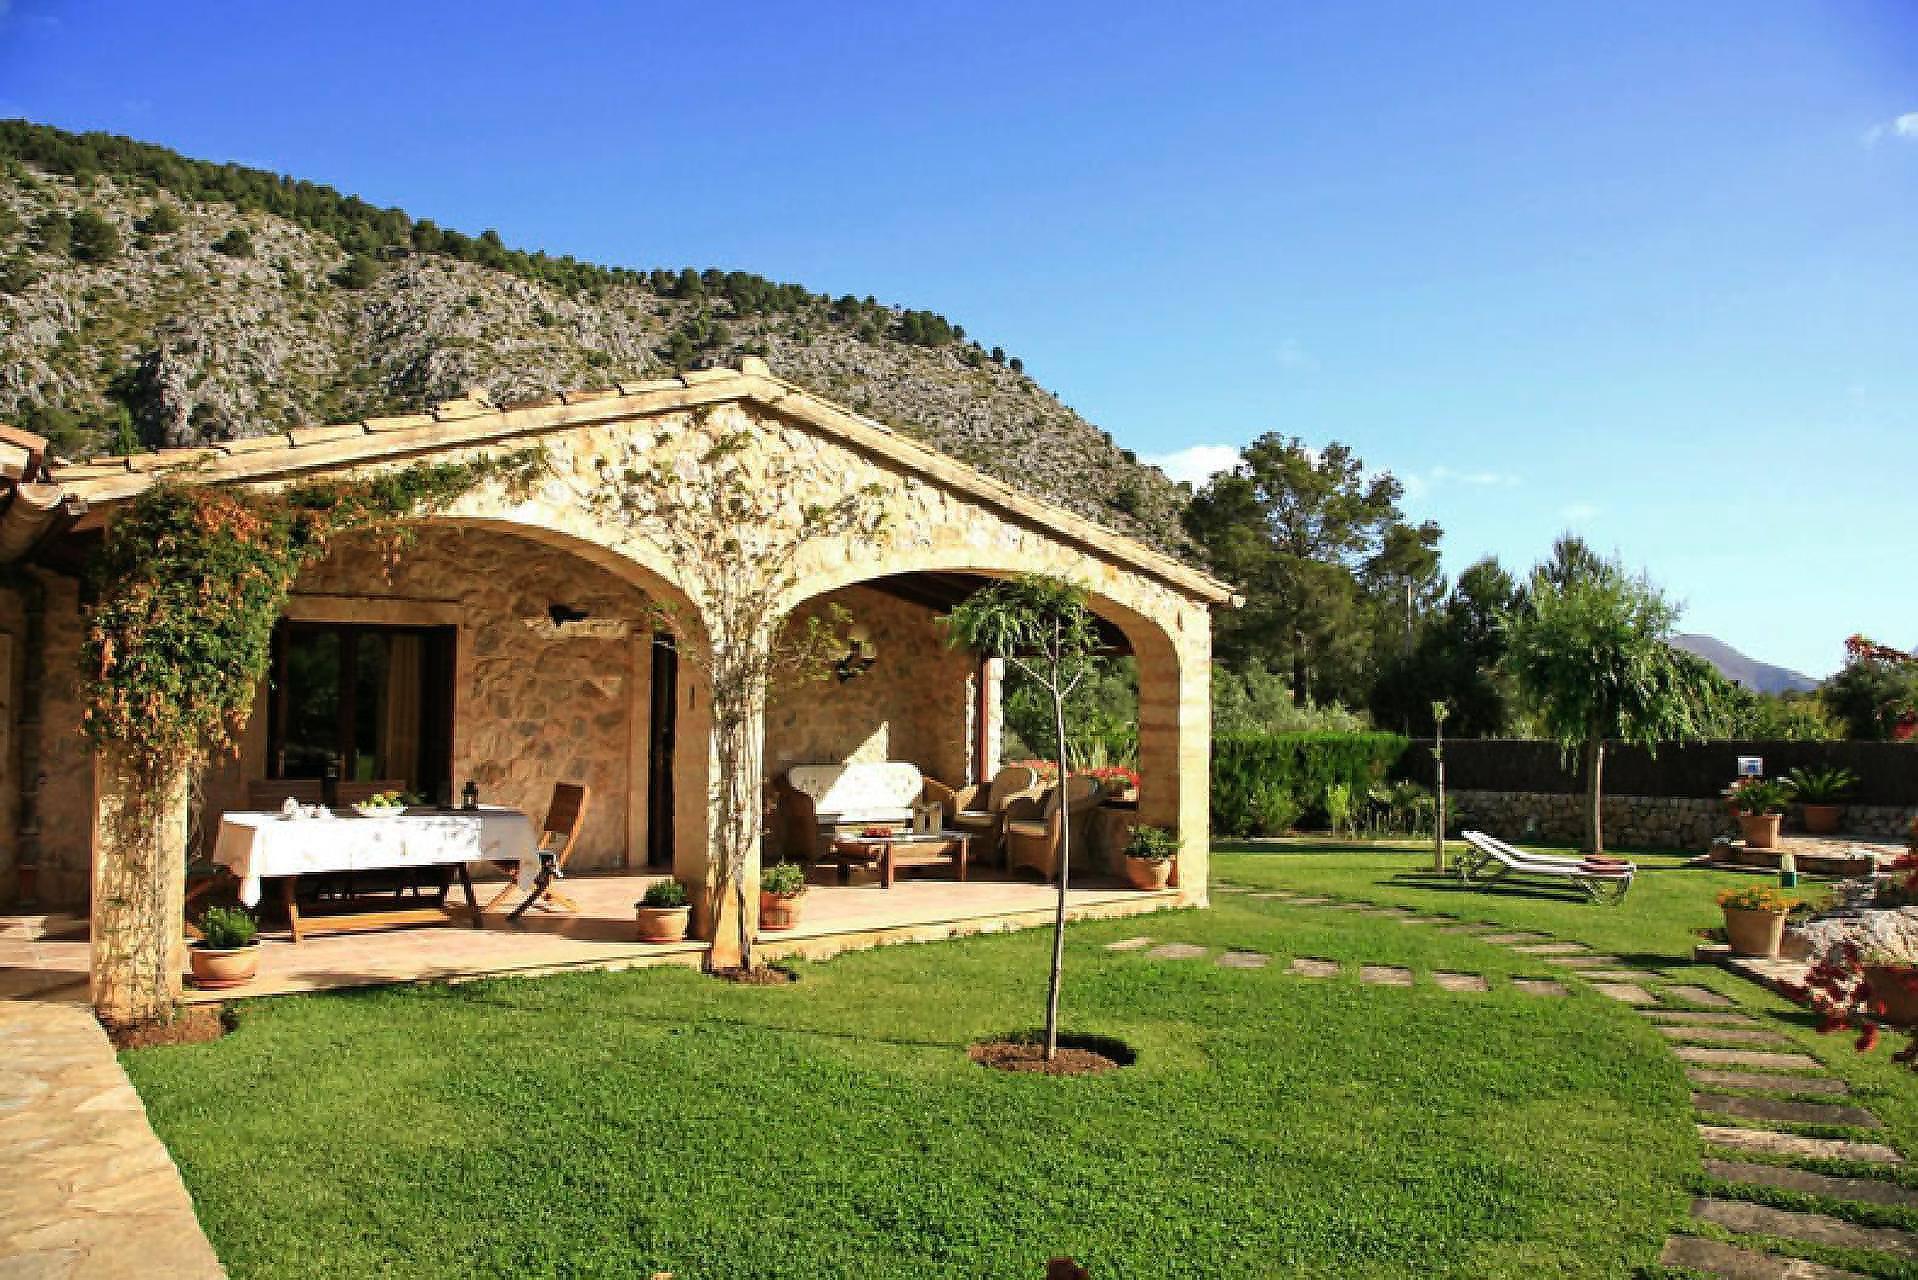 01-11 Traditionelle Finca Mallorca Norden Bild 5